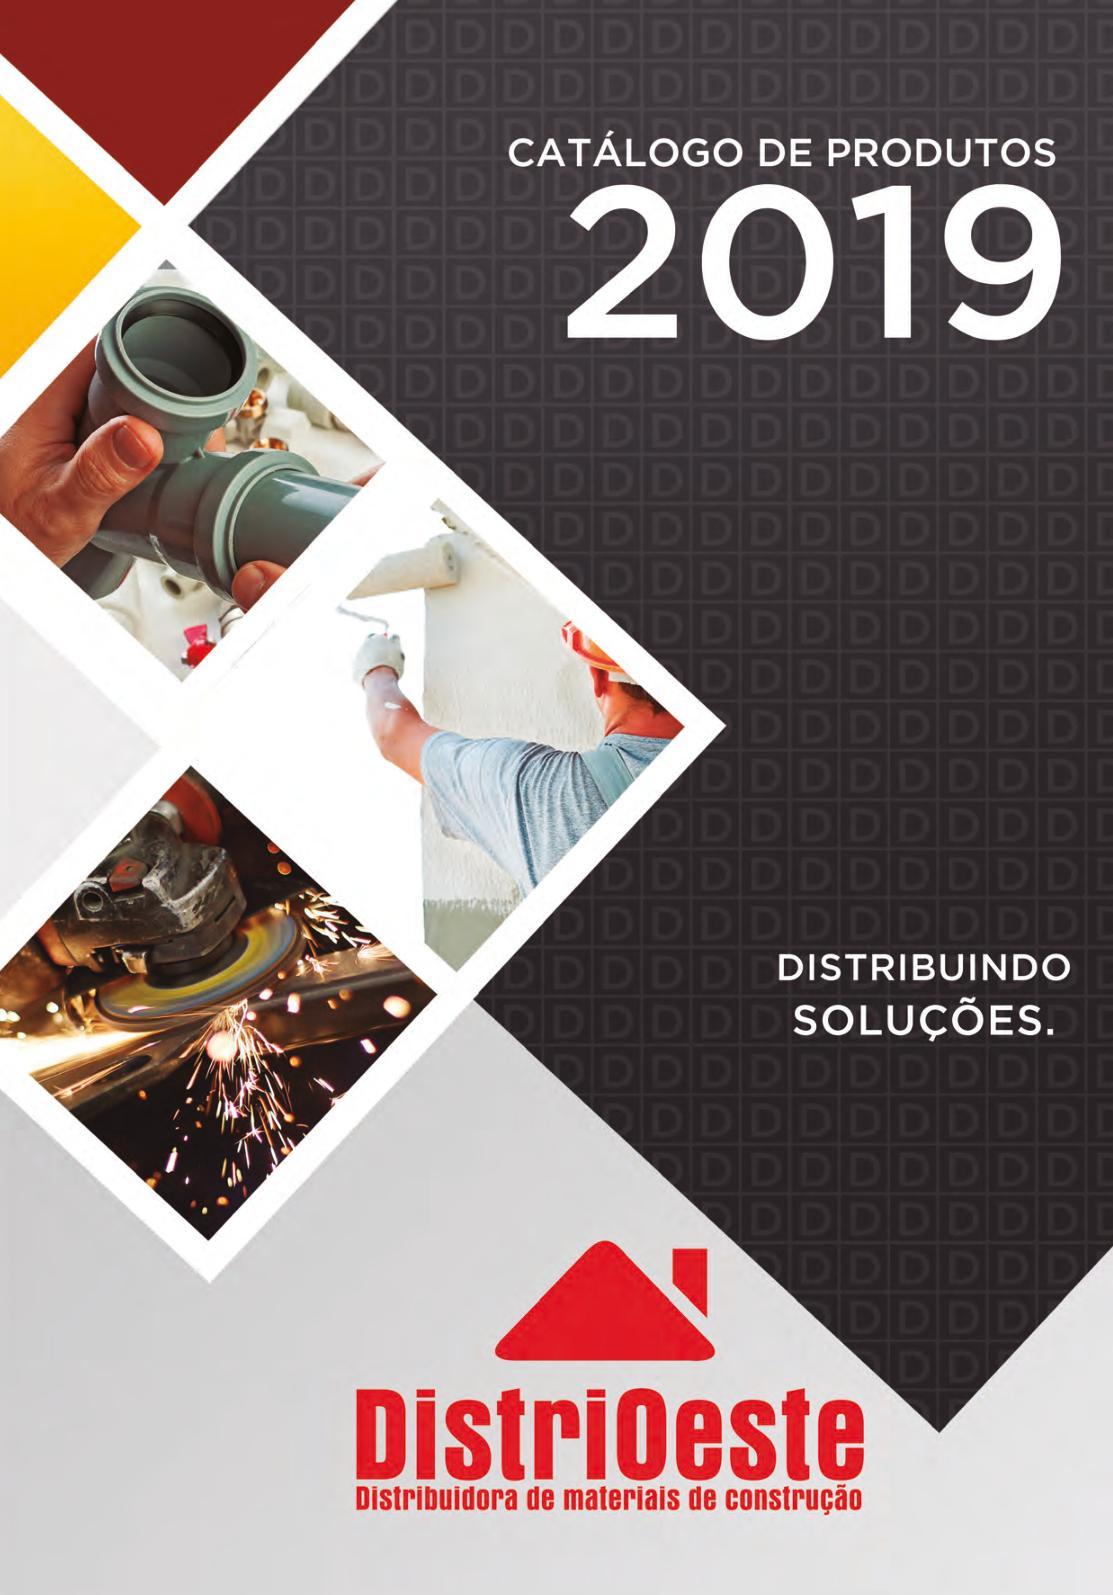 Calaméo - Catálogo Distrioeste 2019 Impressão Prova Baixa 65de84130f0